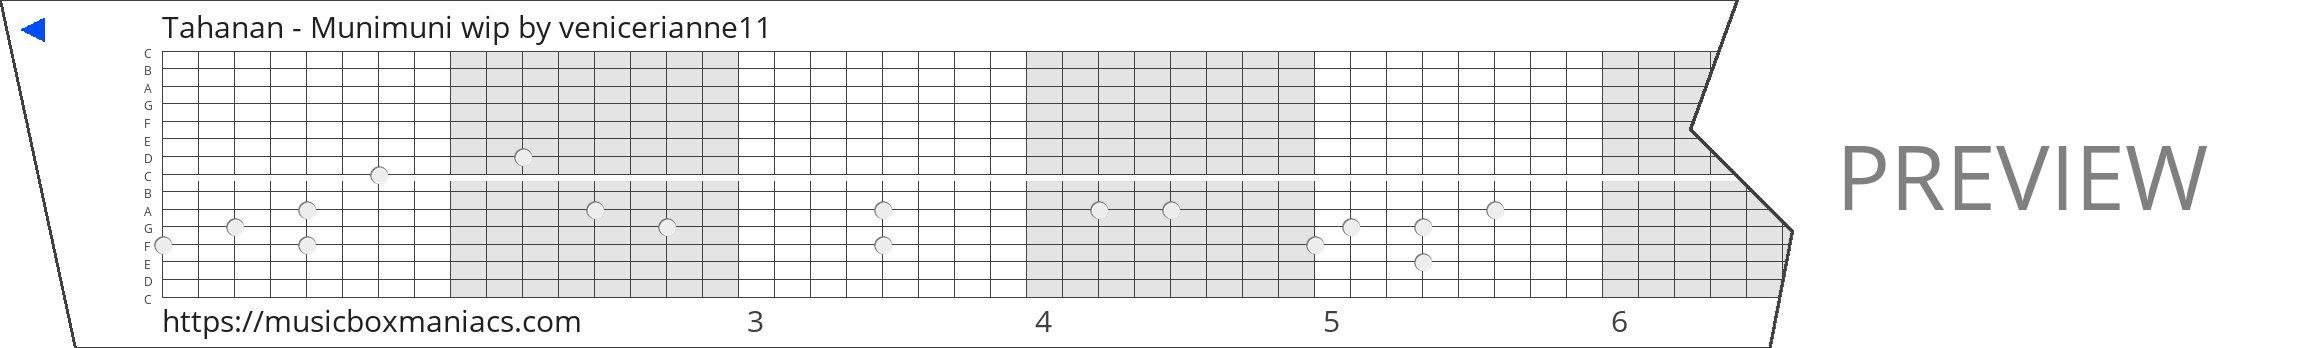 Tahanan - Munimuni wip 15 note music box paper strip